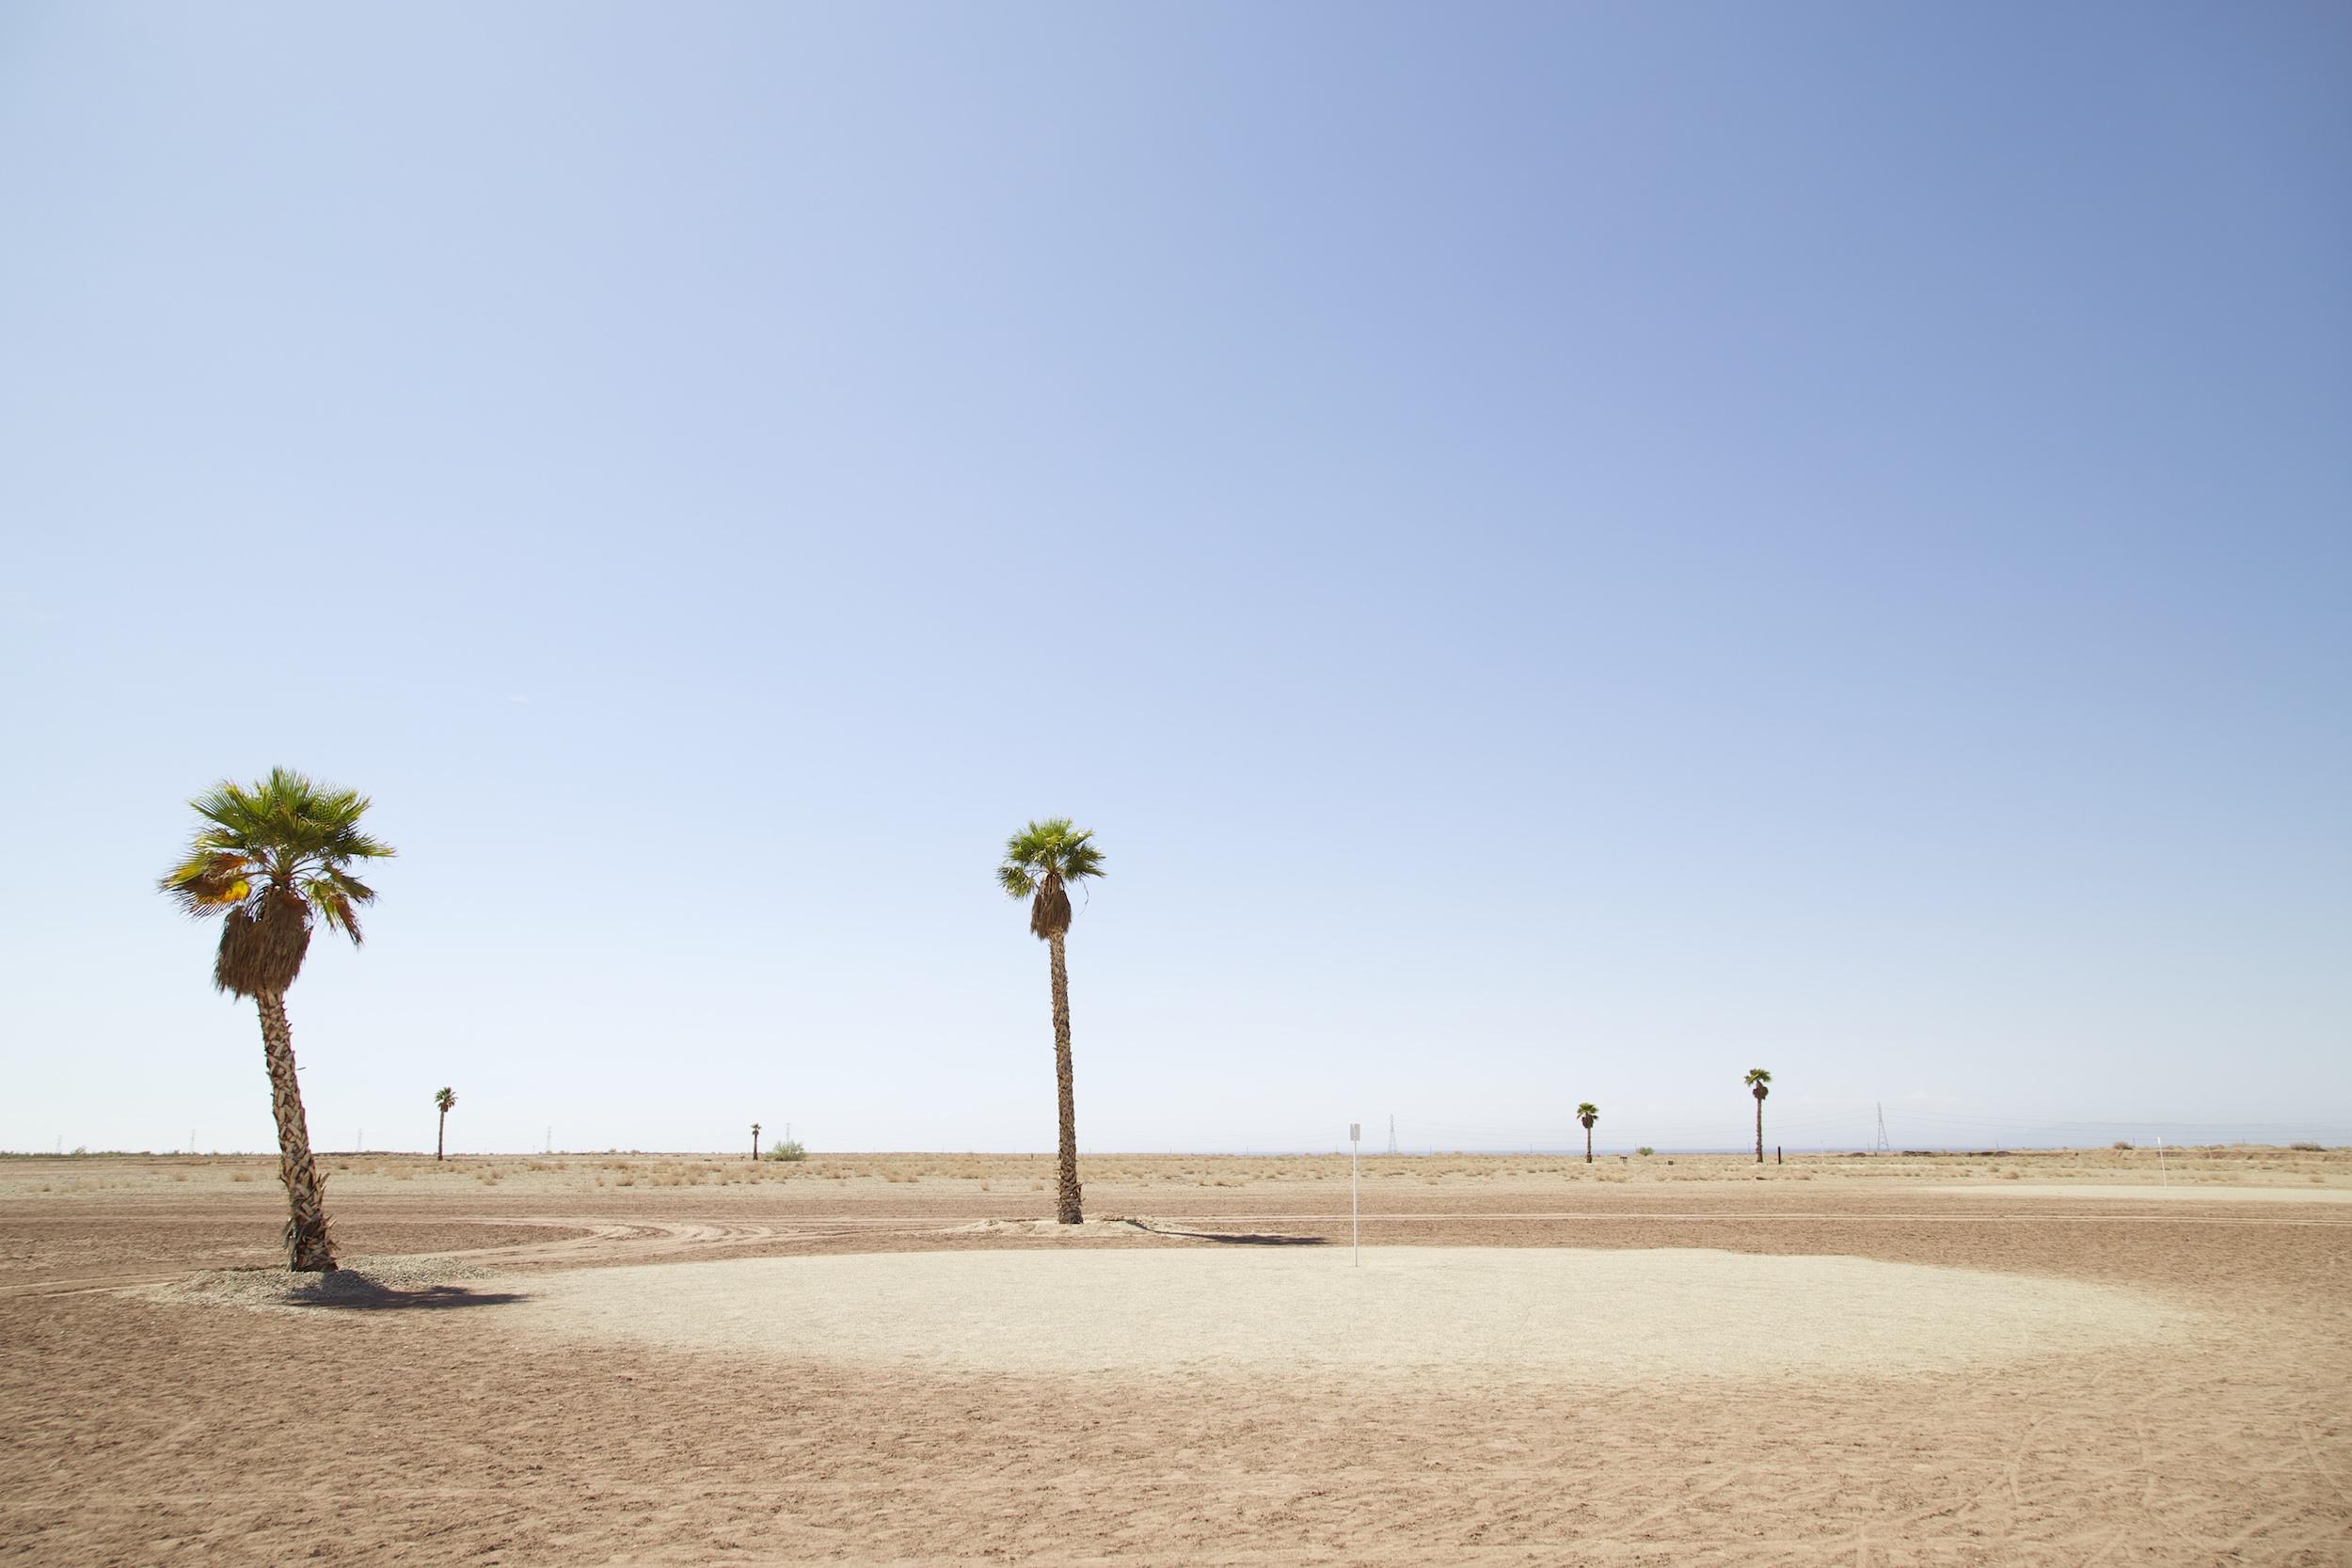 LYON 2014-04-19 327 Salton Sea.jpg